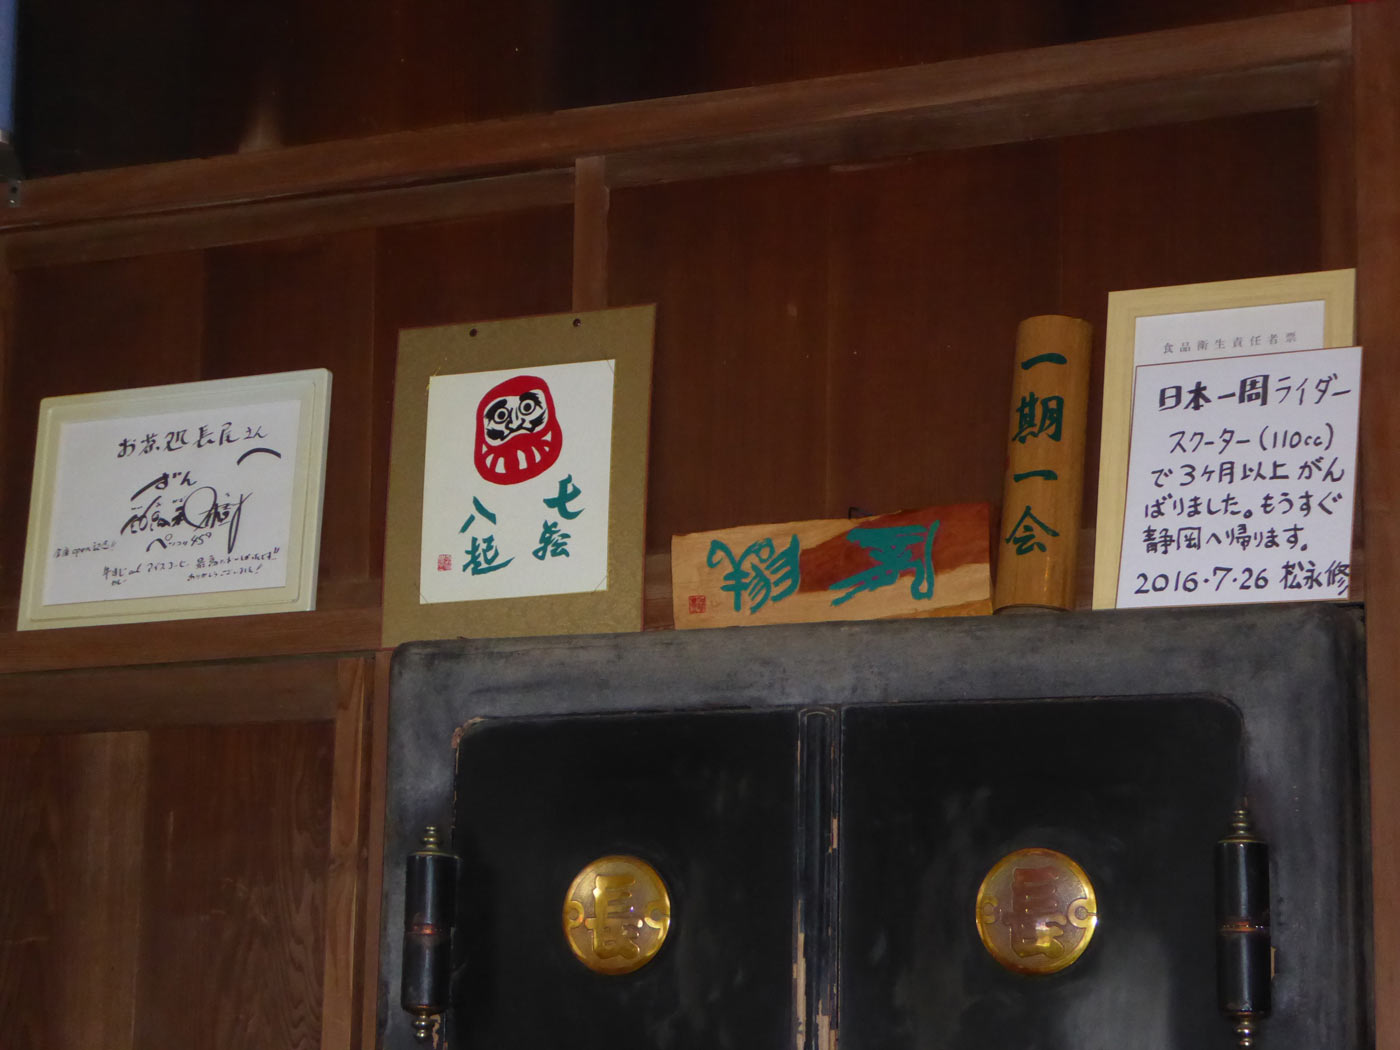 日本一周ライダーのサイン色紙の画像